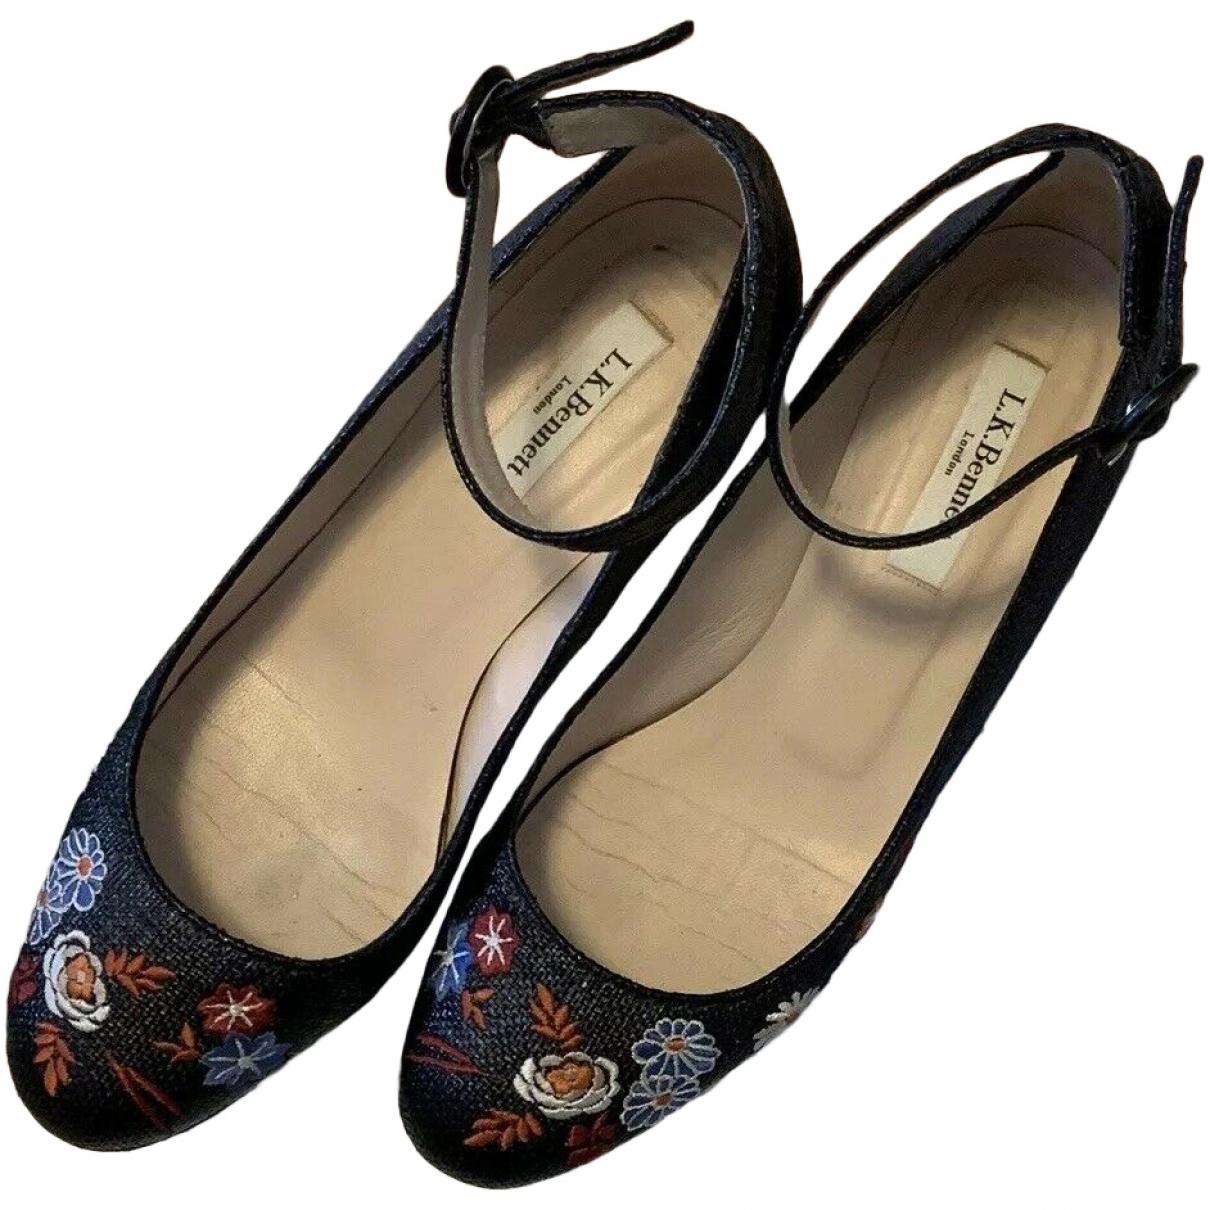 Lk Bennett \N Black Cloth Heels for Women 5 UK